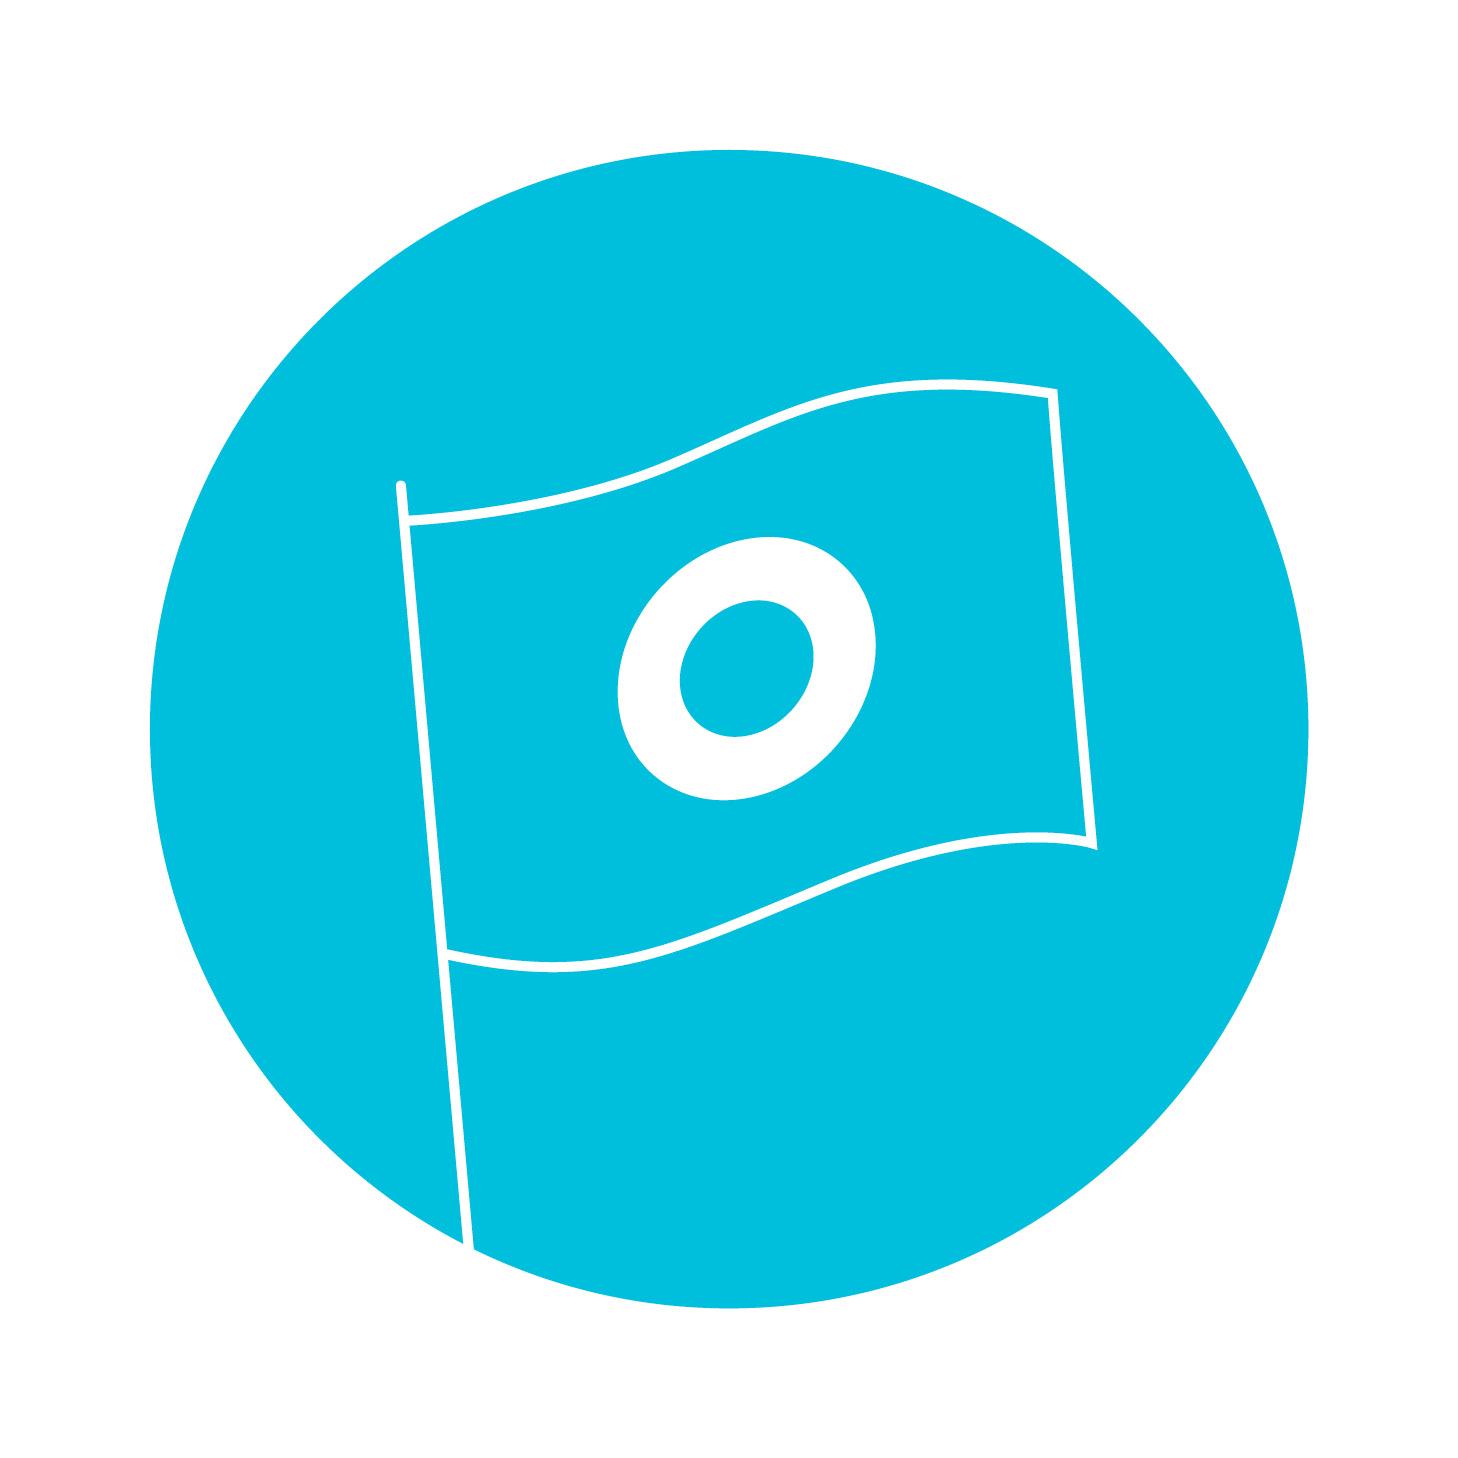 MVV icons